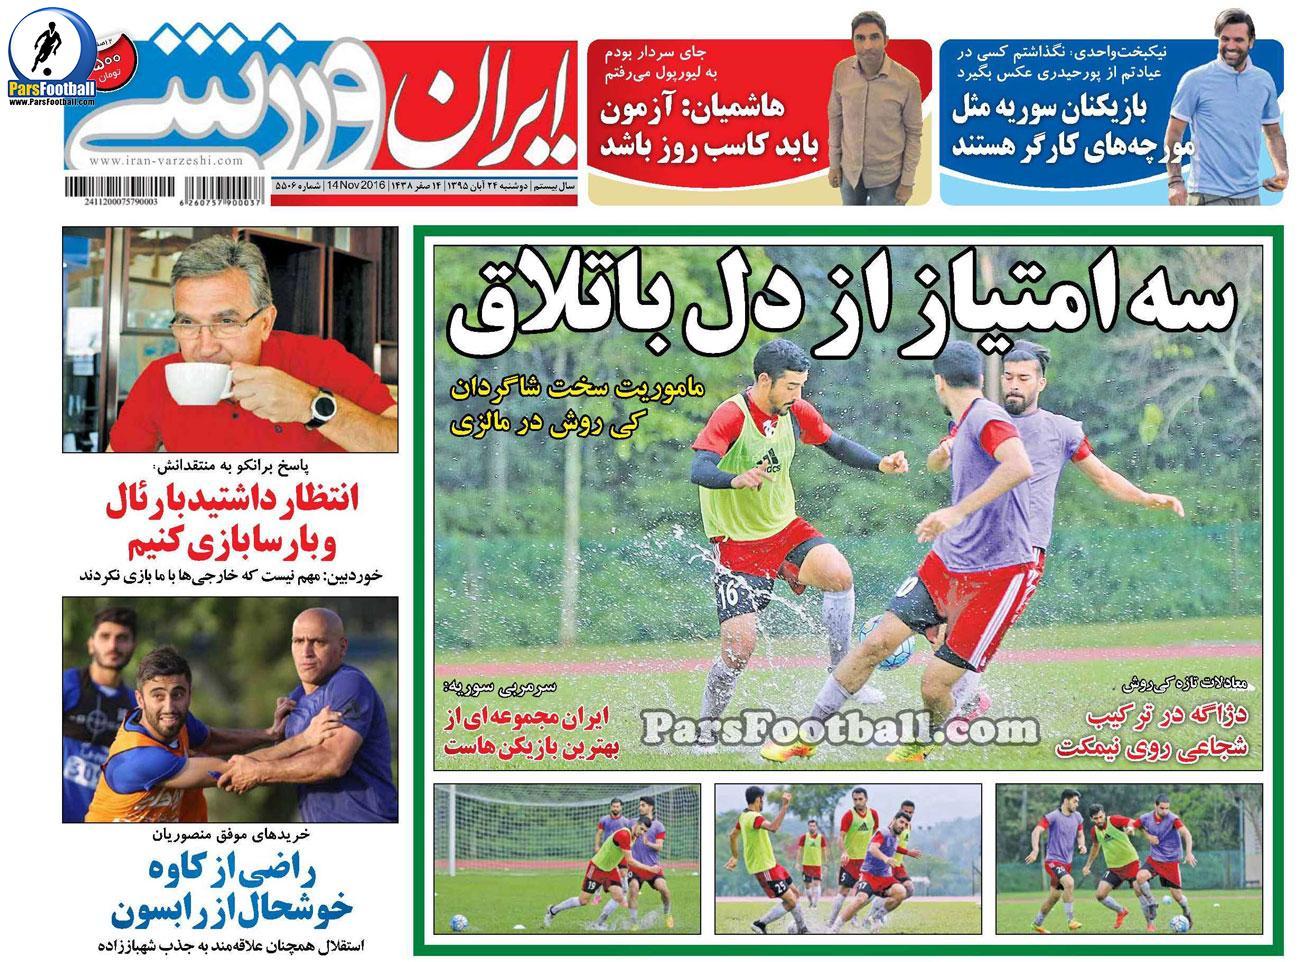 روزنامه ایران ورزشی دوشنبه 24 آبان 95